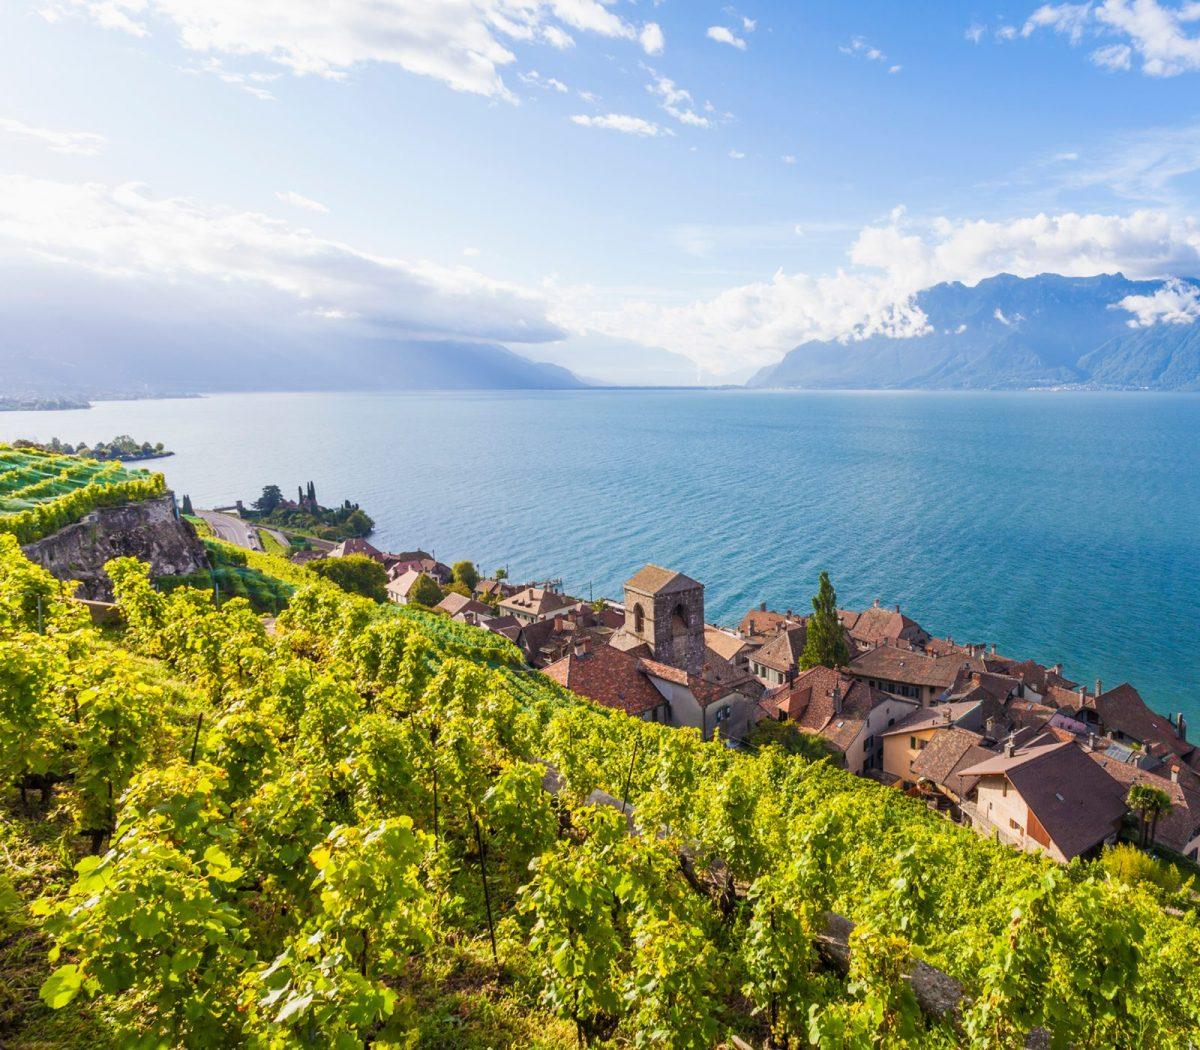 Lavaux vineyards, Lake Geneva